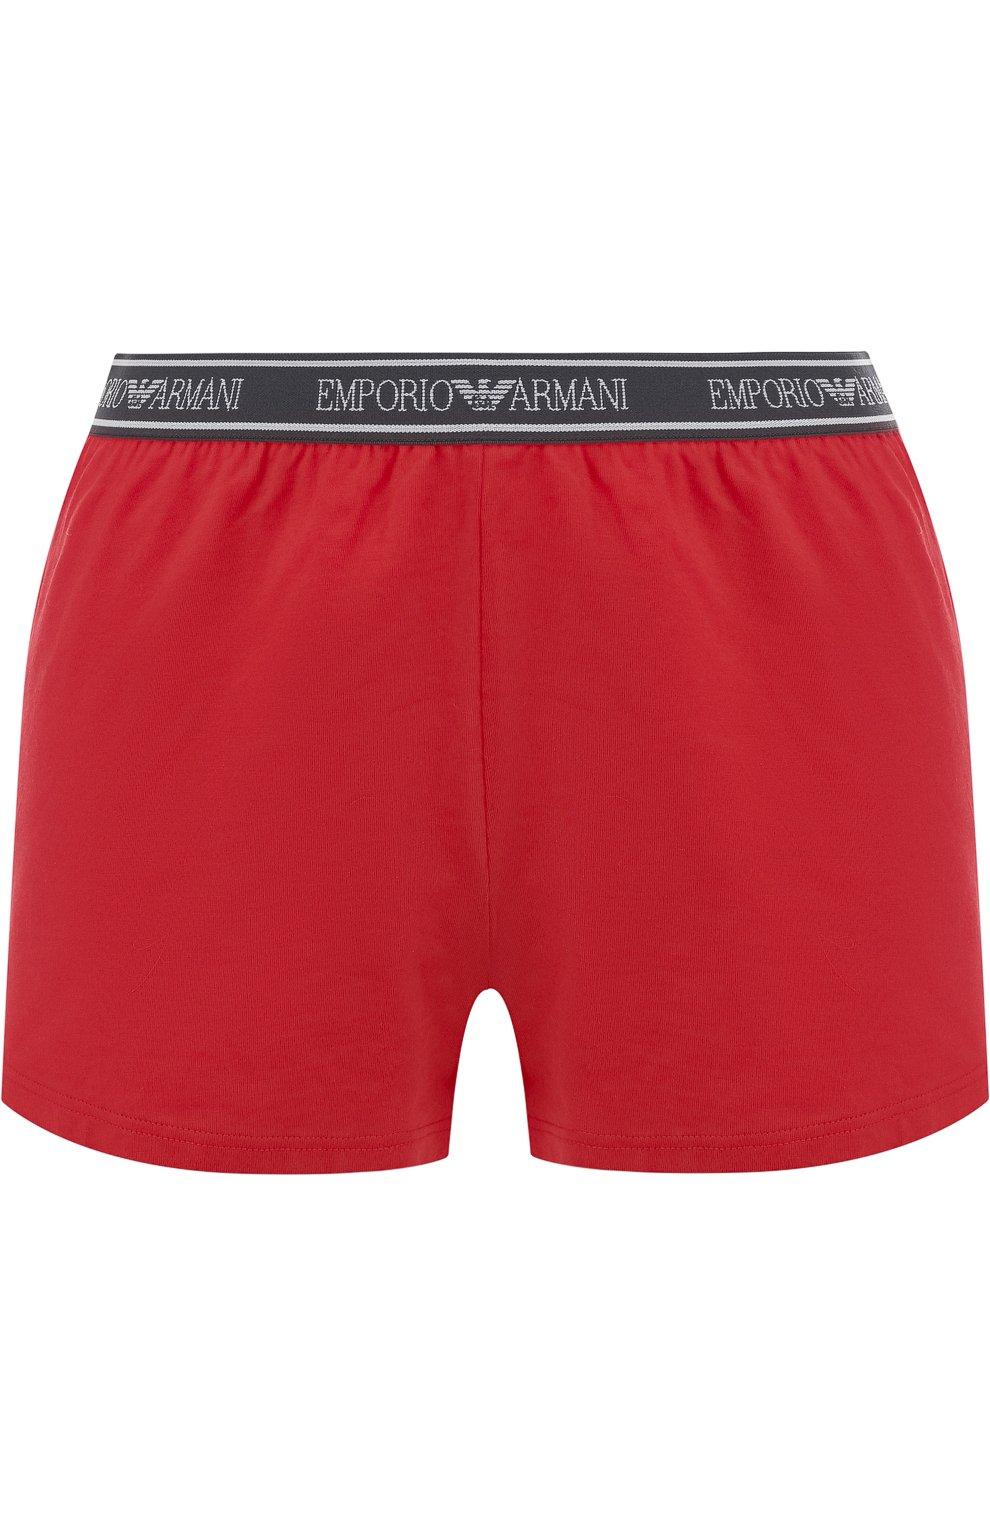 Женские хлопковые мини-шорты с эластичным поясом EMPORIO ARMANI красного цвета, арт. 164077/8P317 | Фото 1